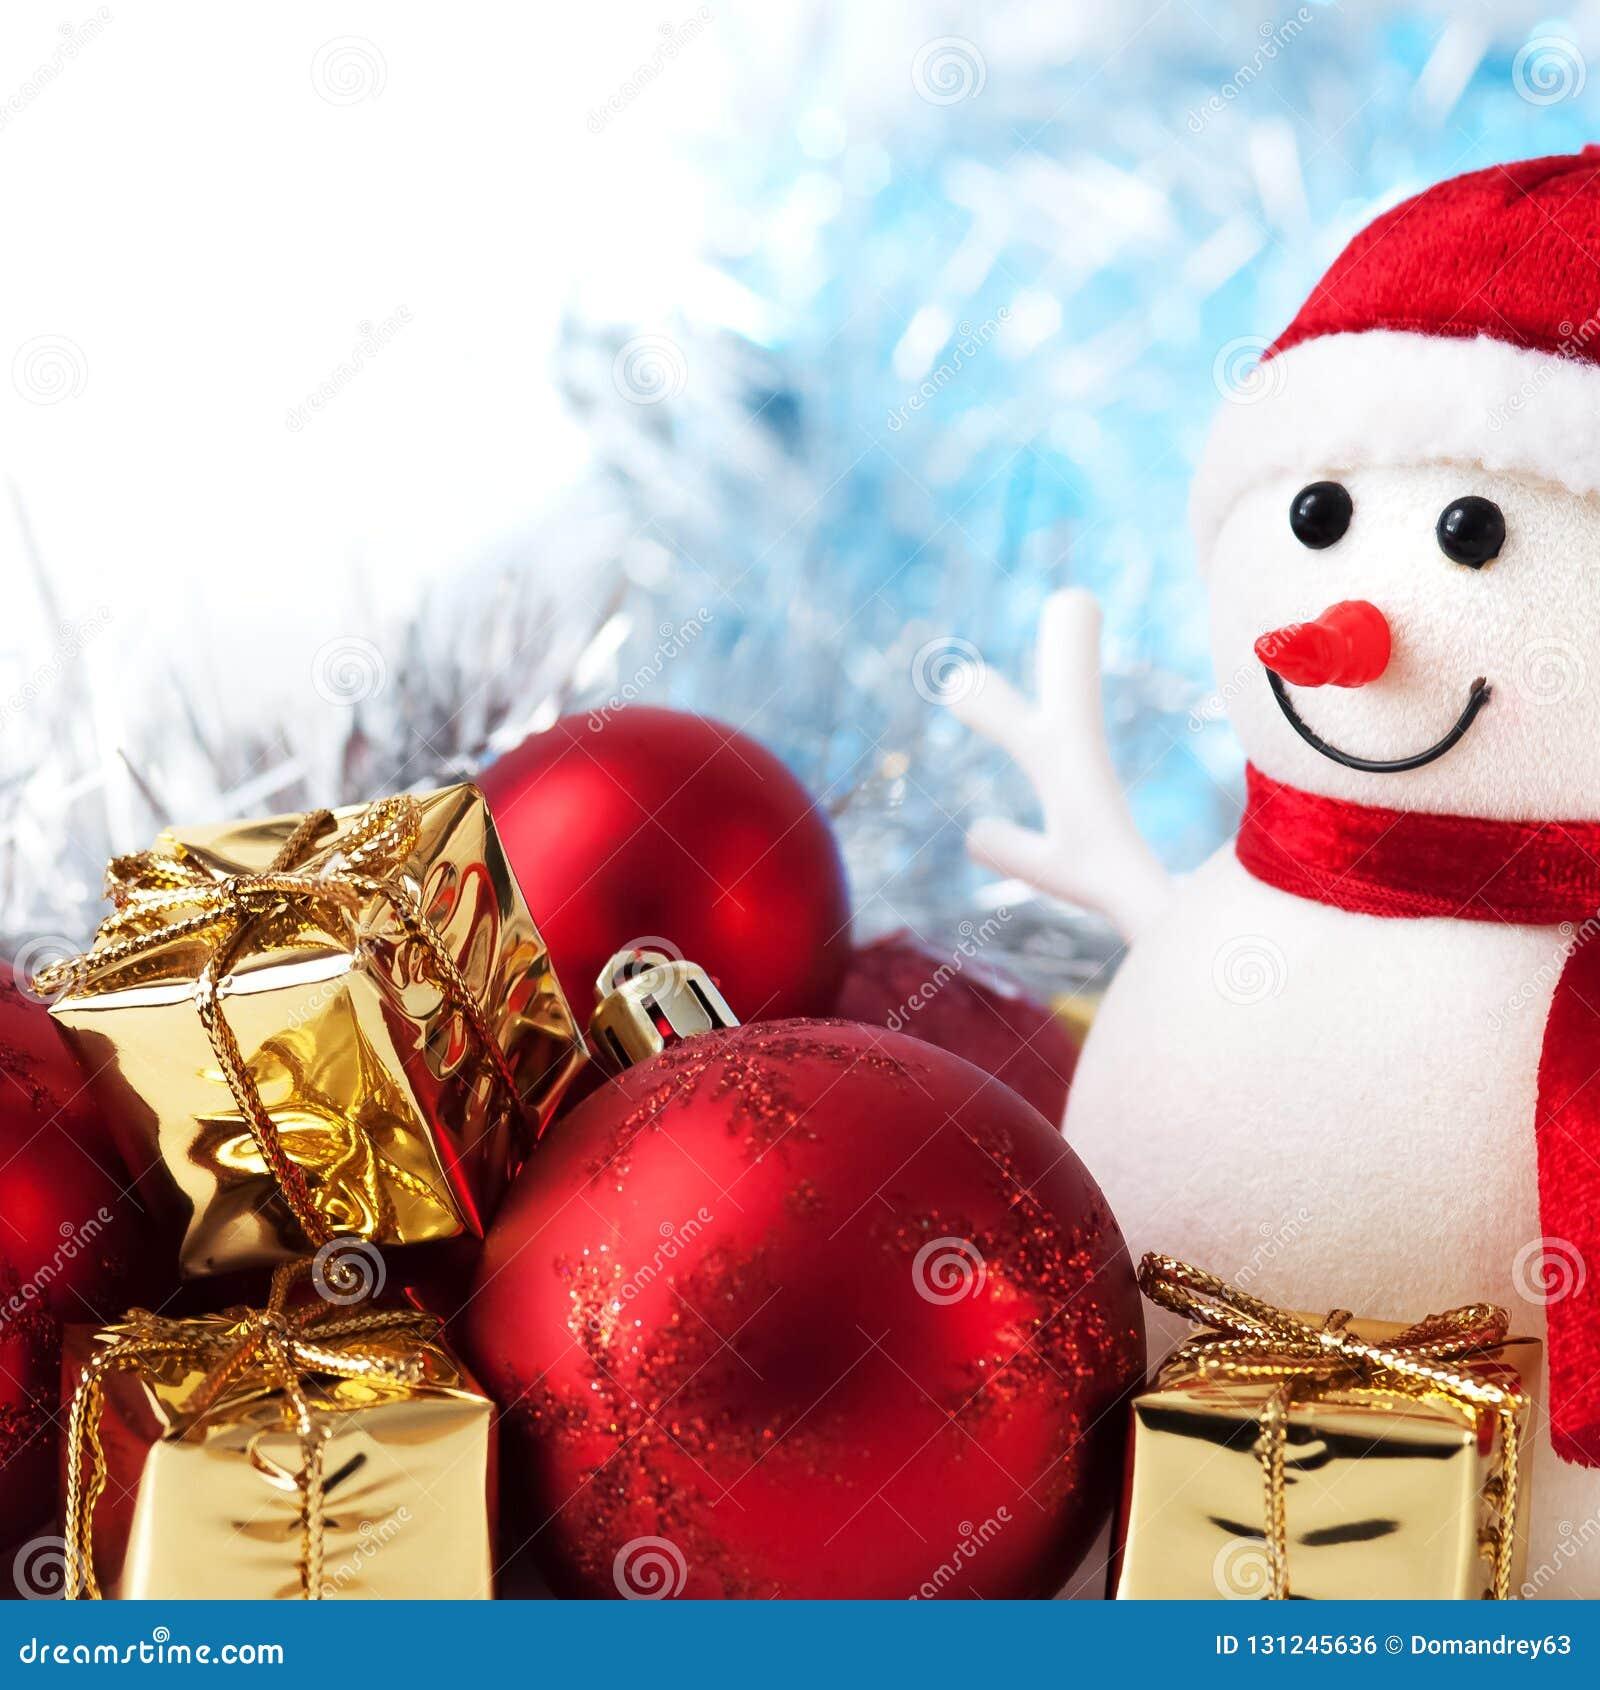 Ευτυχή Χριστούγεννα, νέο έτος, χιονάνθρωπος, δώρα στα χρυσά κιβώτια και κόκκινες σφαίρες σε ένα μπλε και άσπρο υπόβαθρο bokeh